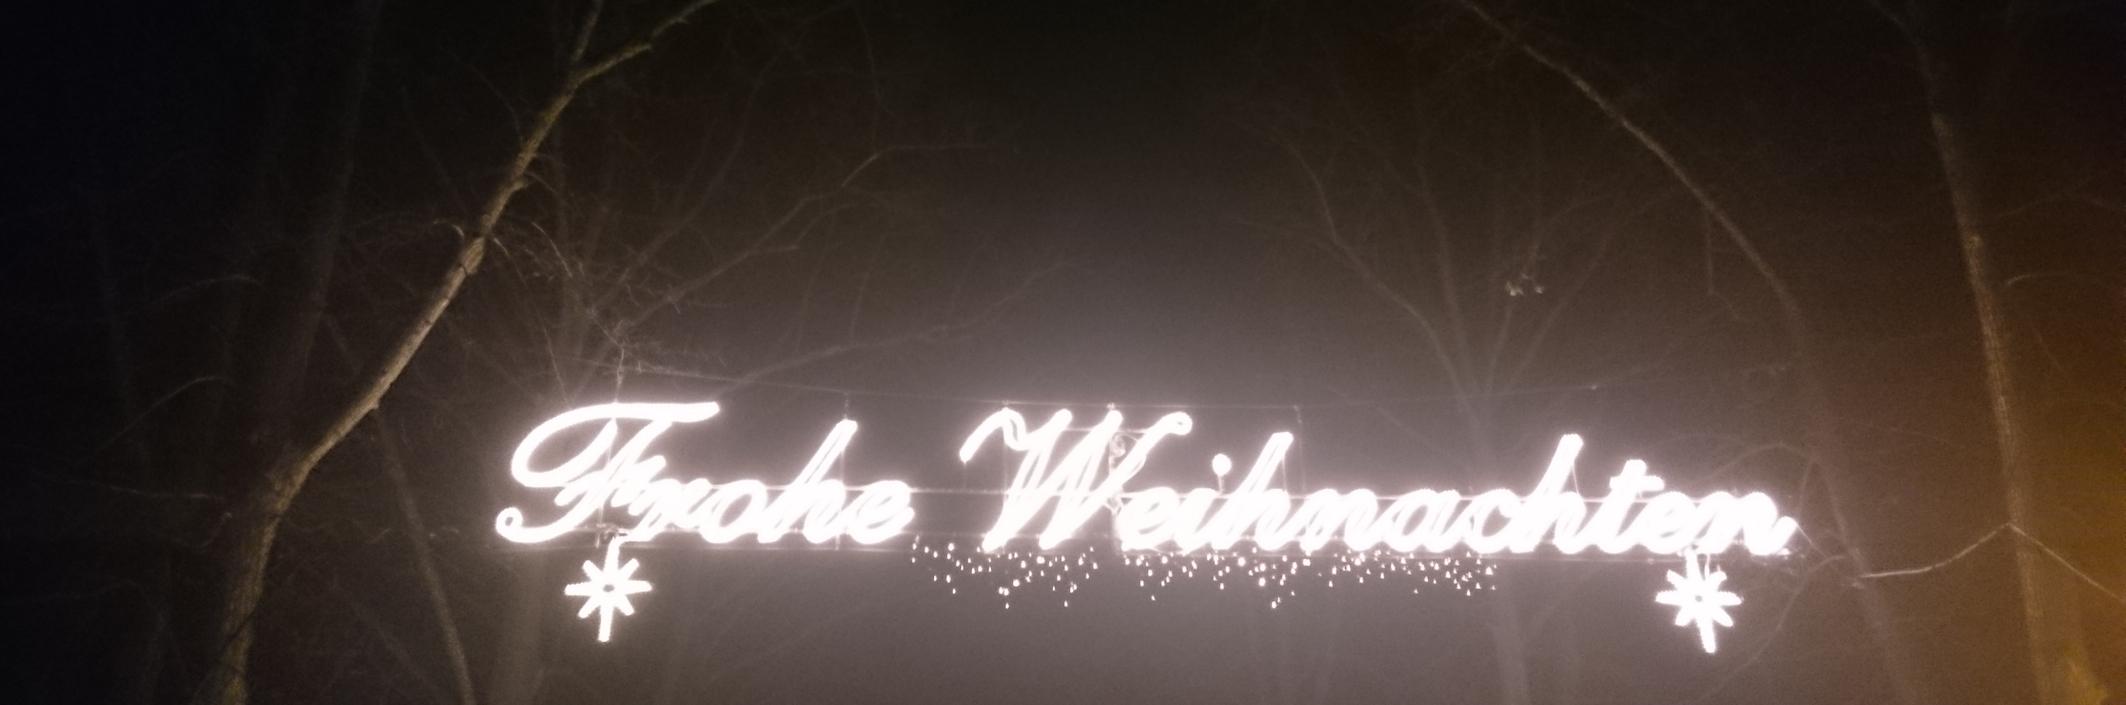 KOBV_Weihnachten